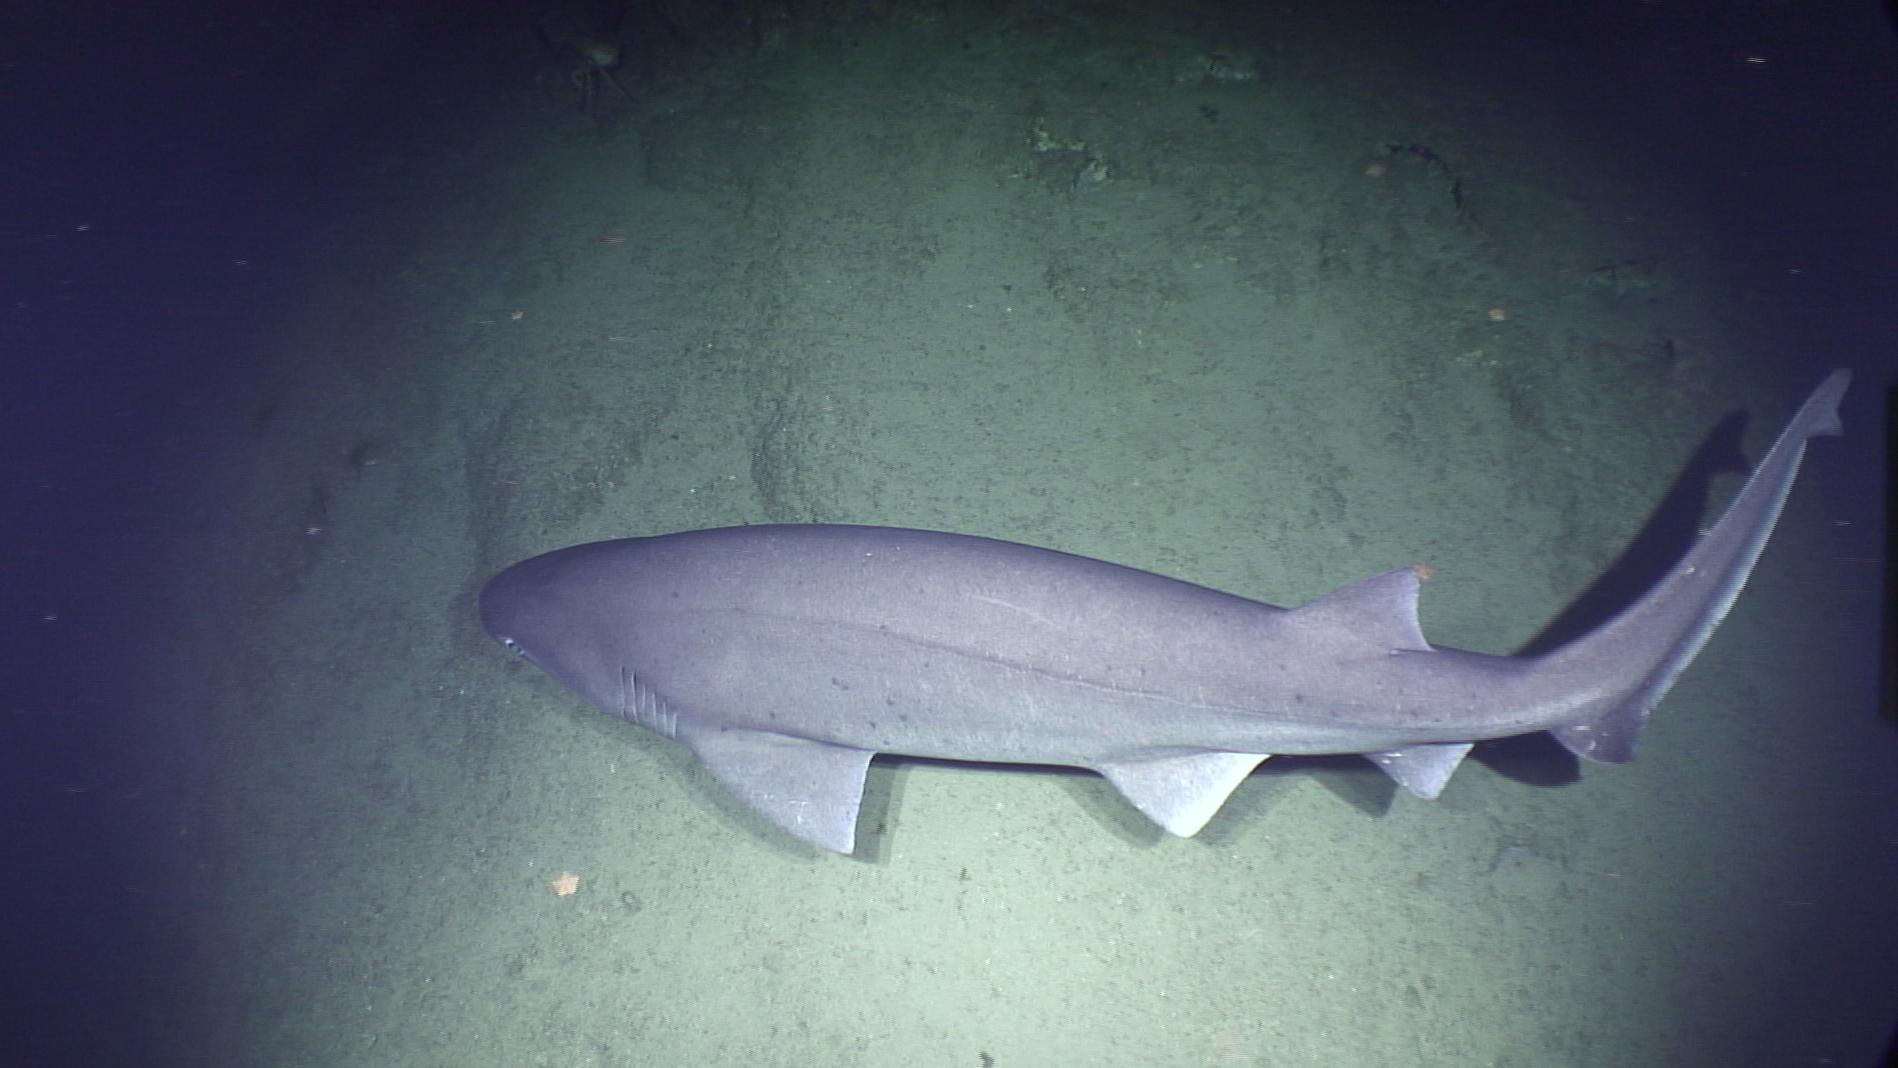 Big ass shark